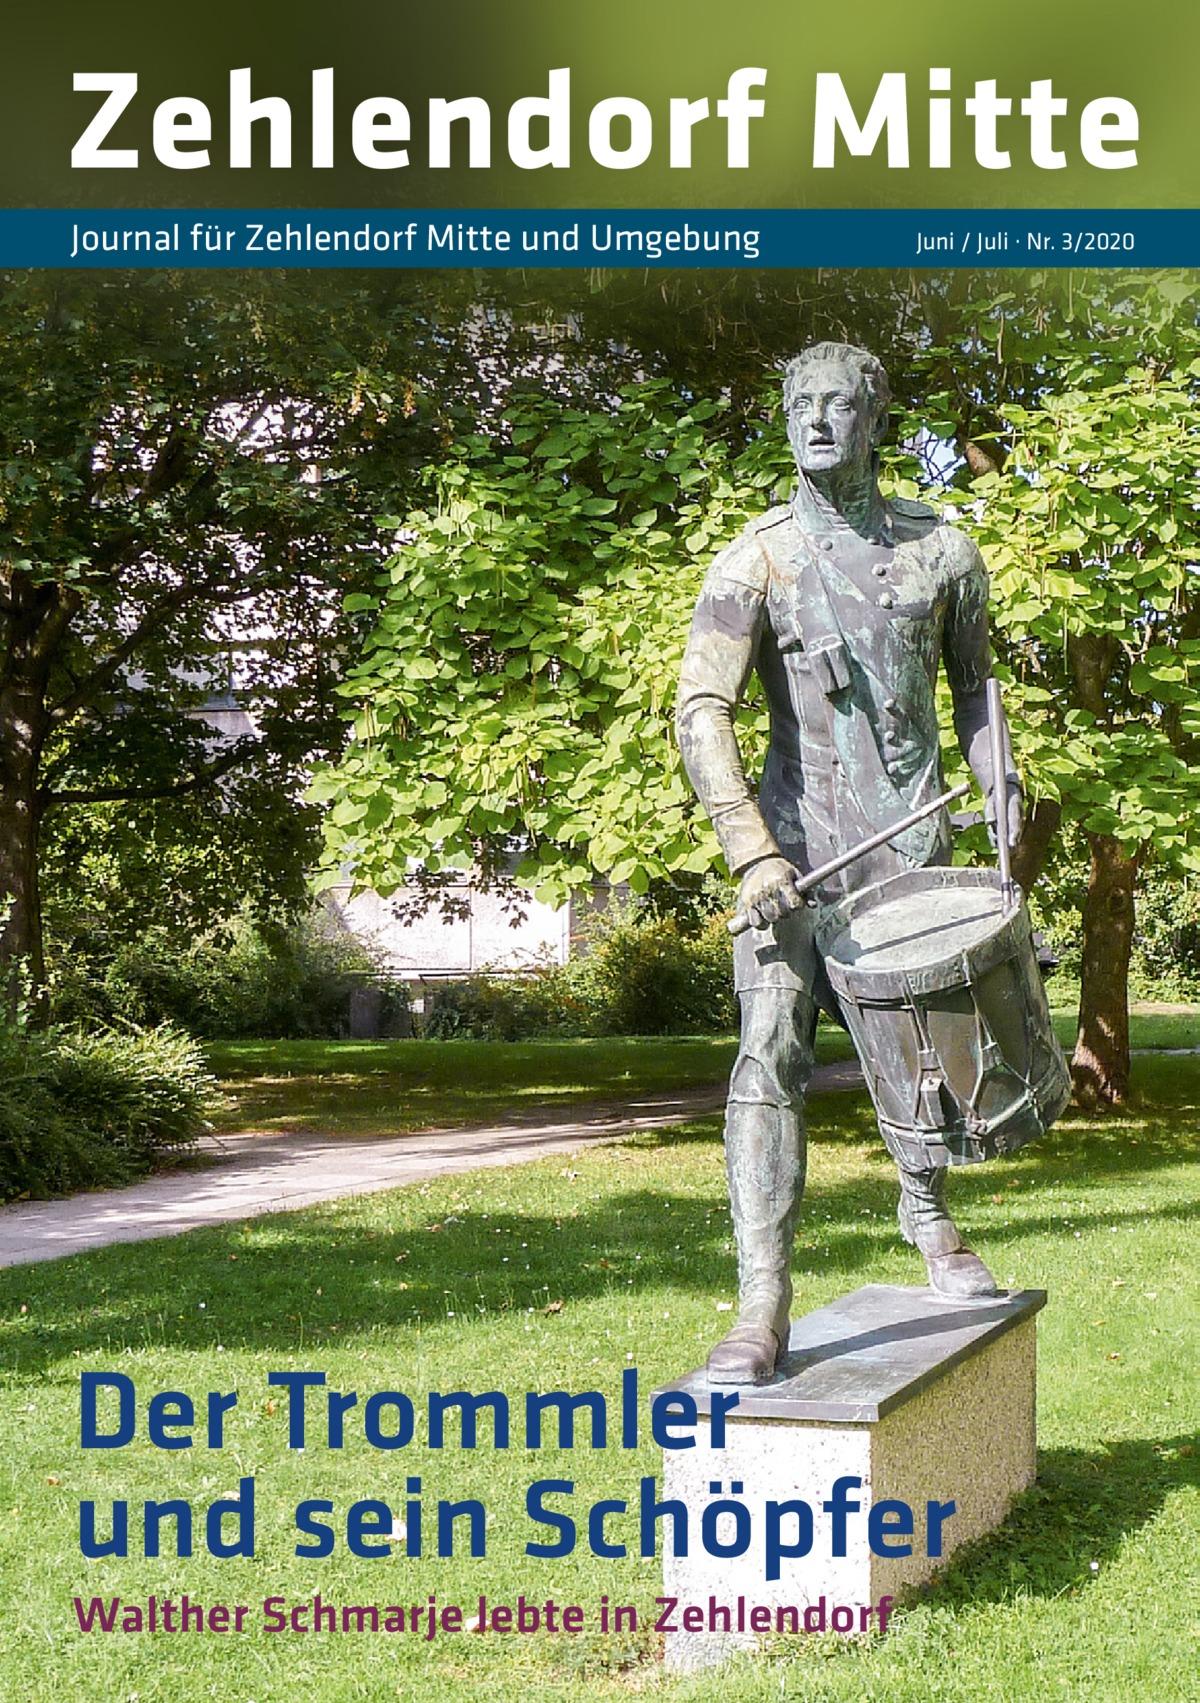 Zehlendorf Mitte Journal für Zehlendorf Mitte und Umgebung  Juni / Juli · Nr. 3/2020  Der Trommler und sein Schöpfer Walther Schmarje lebte in Zehlendorf